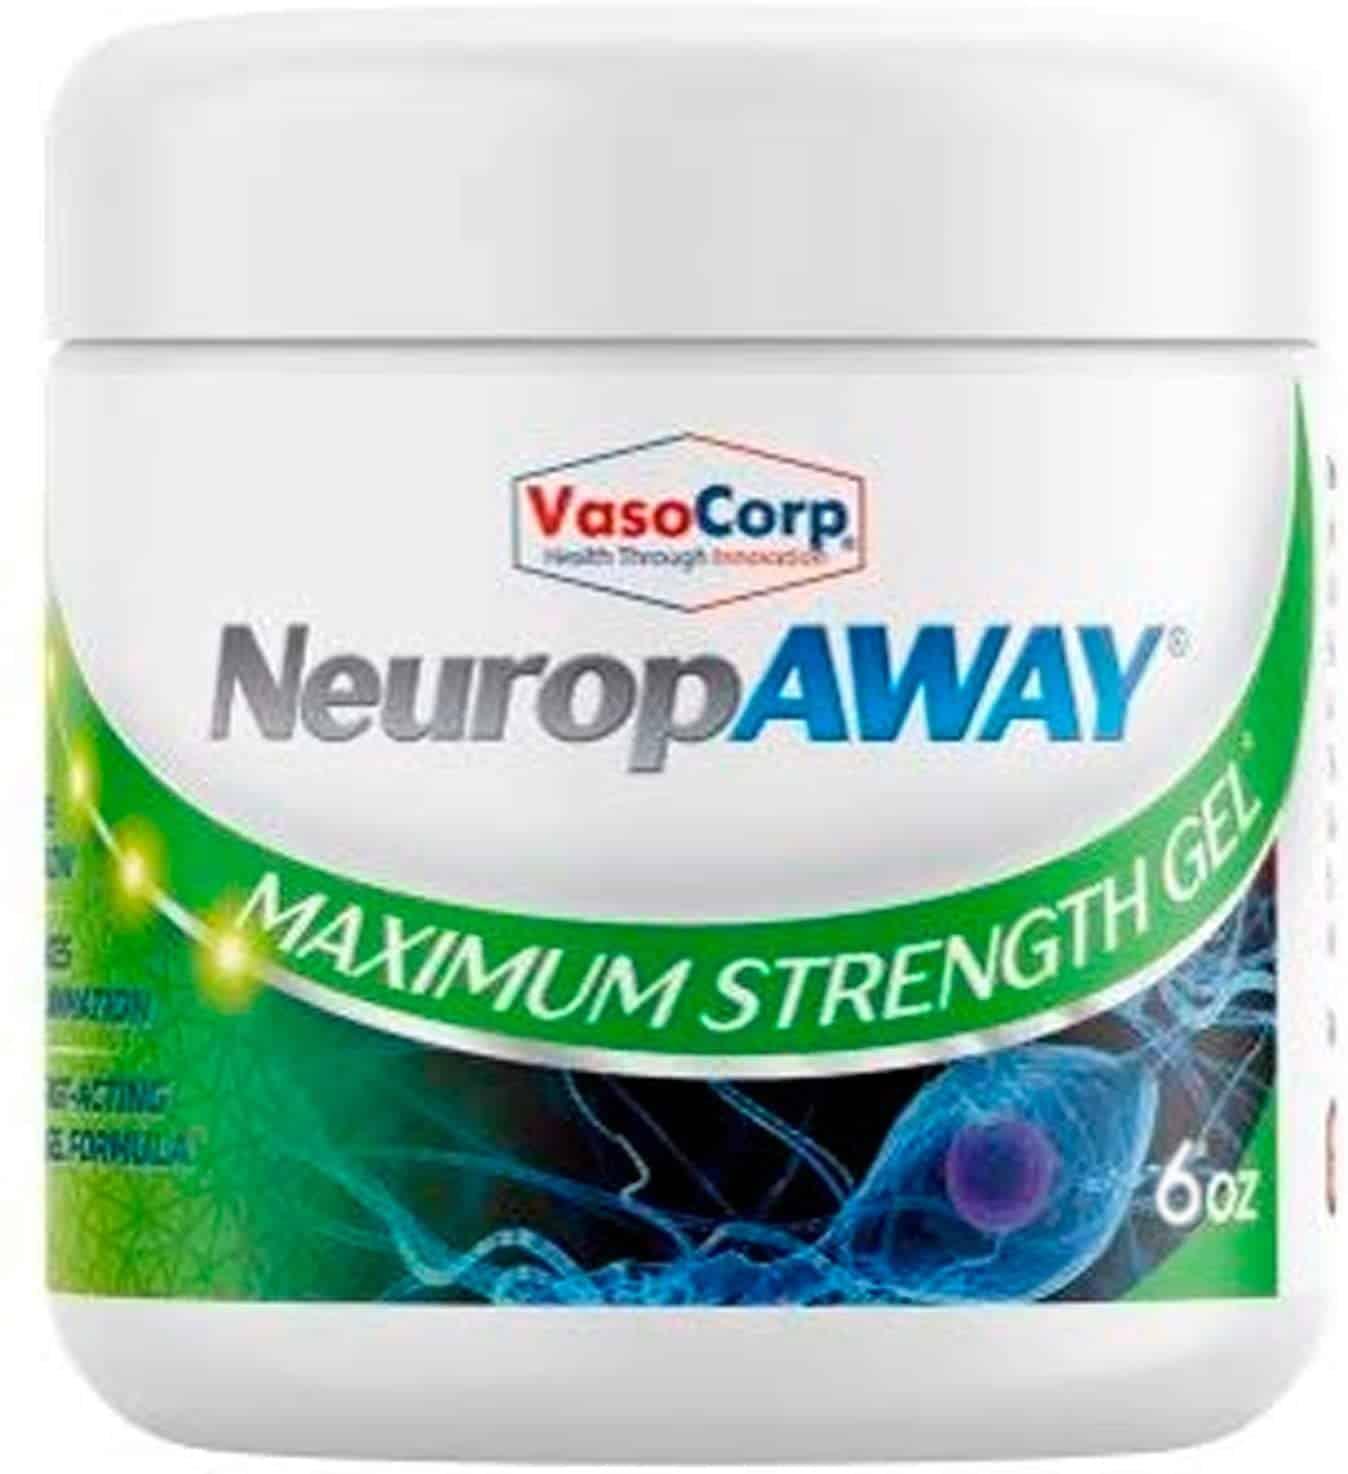 VasoCorp Neurop Pain Relief